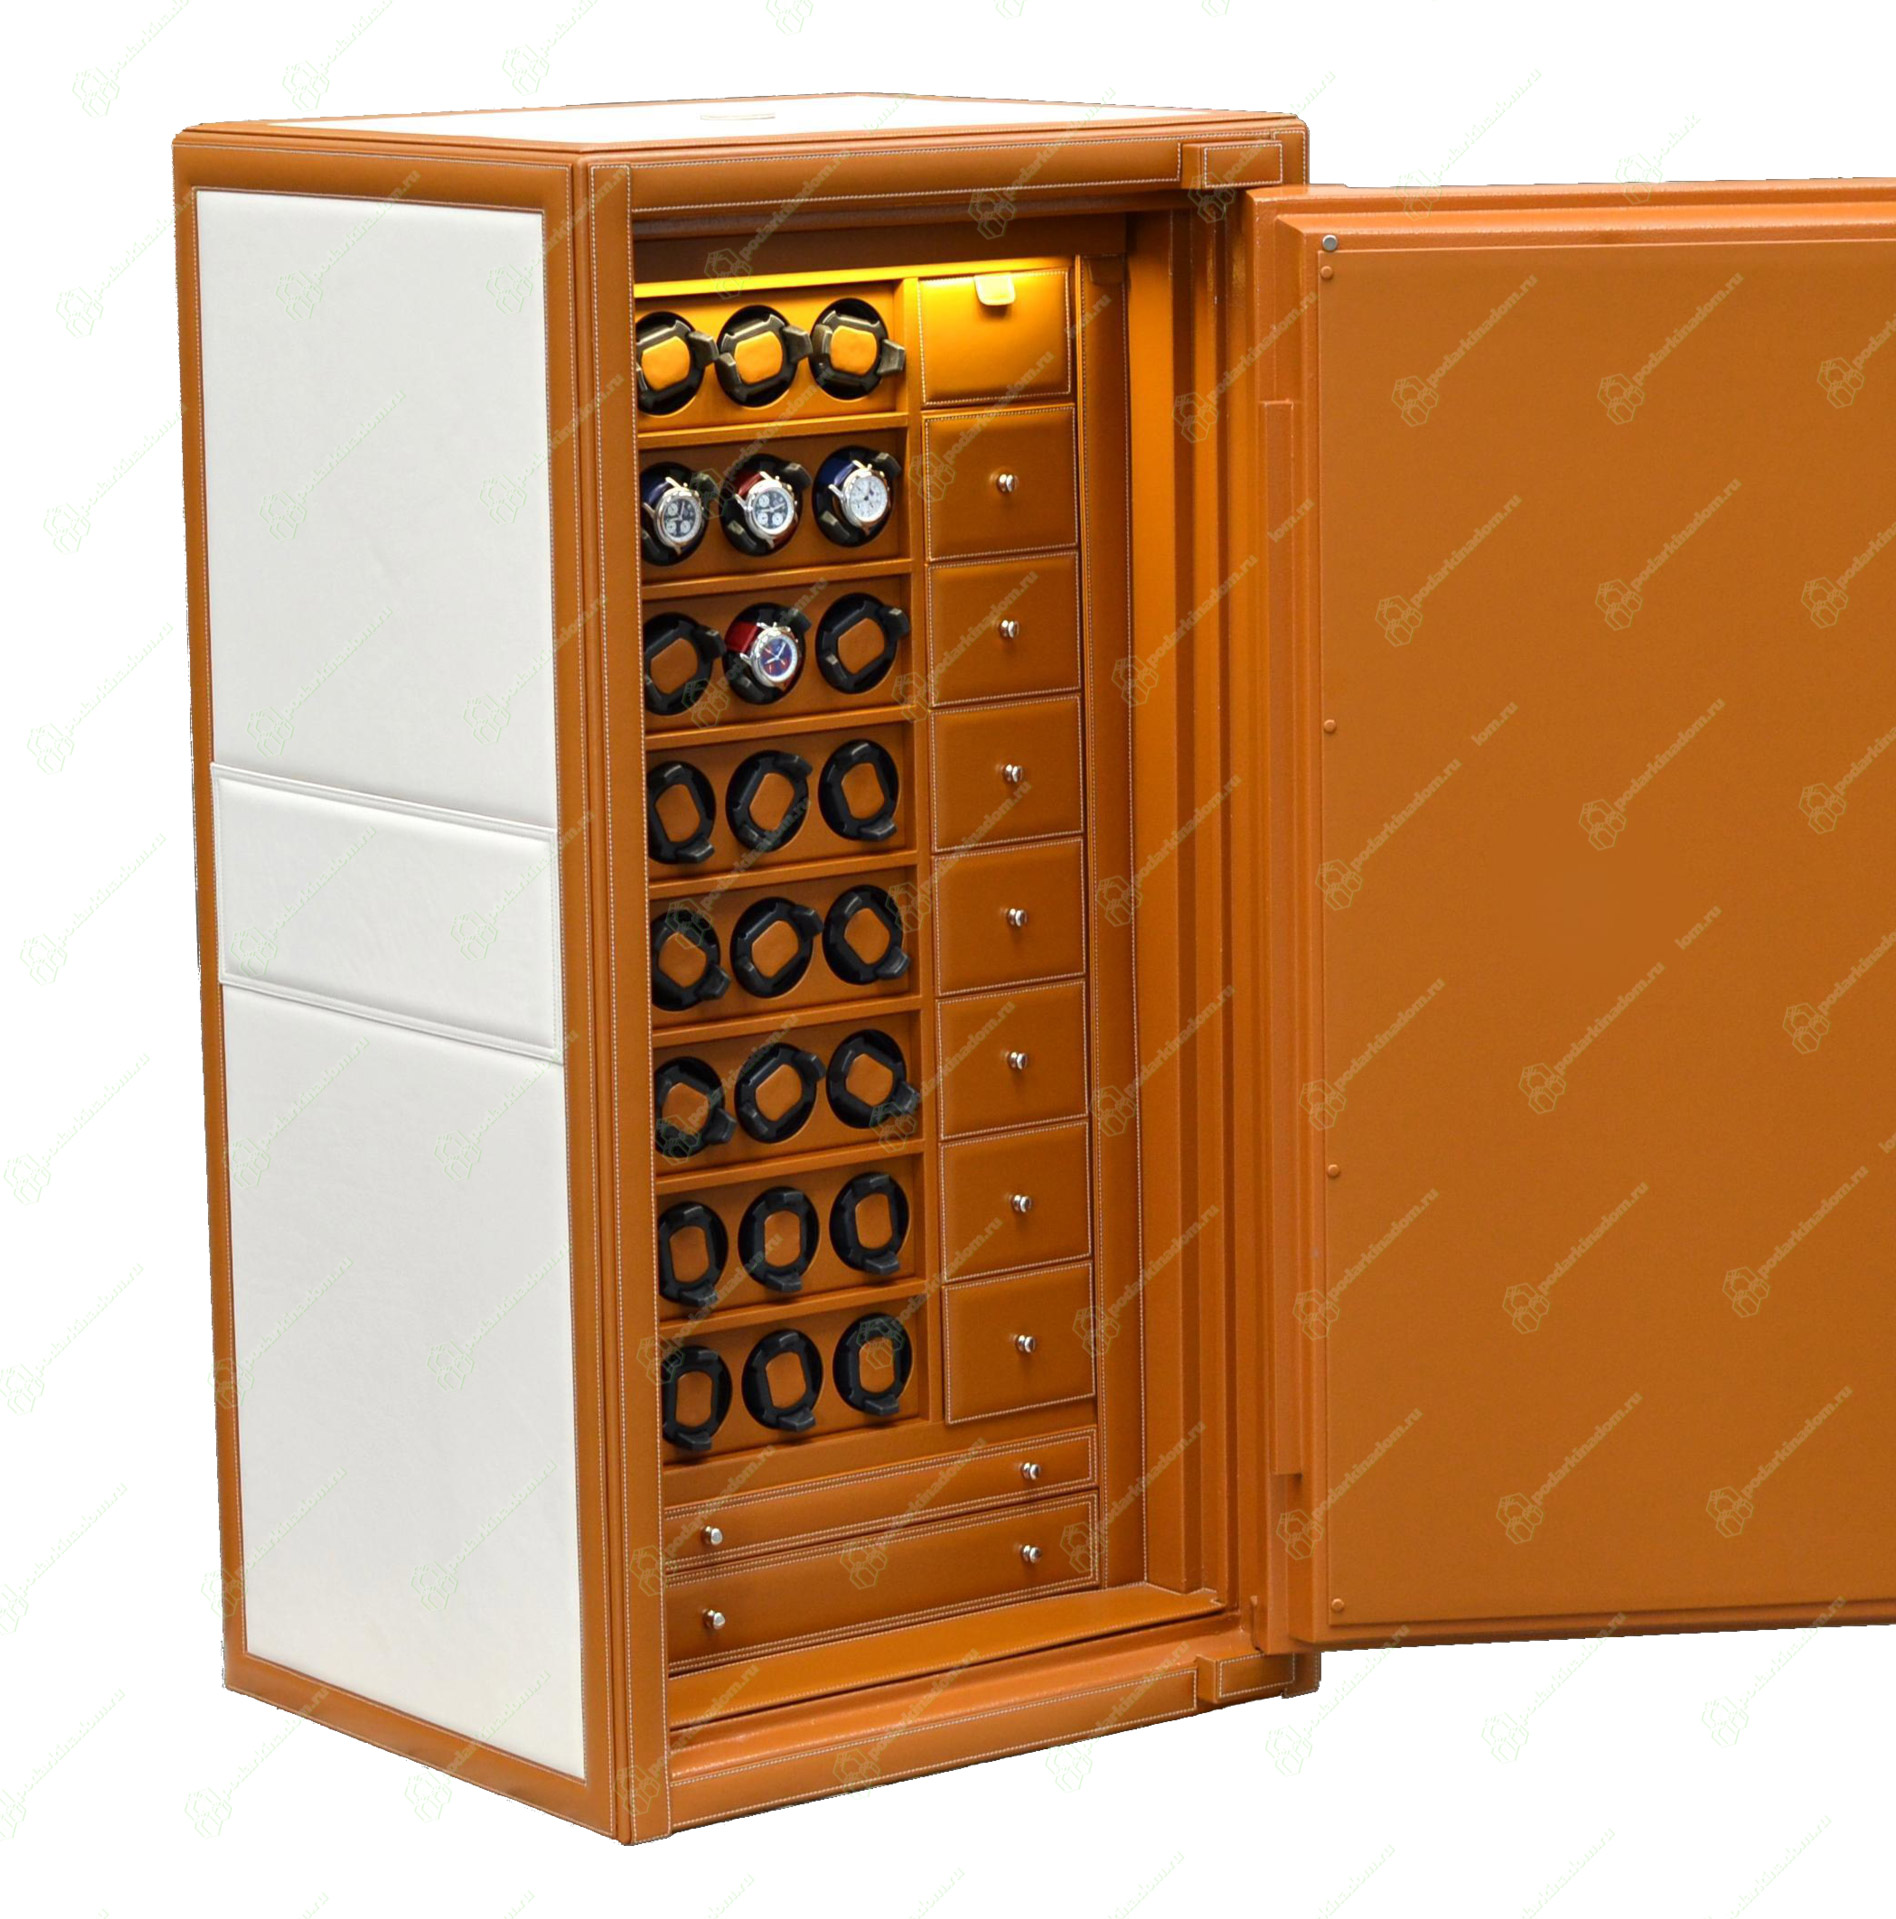 TIMESAFE OS xxl Элегантный сейф для наручных часов, отделан итальянской кожей. Семь дополнительных отсеков для хранения часов + ящики для документов и украшений